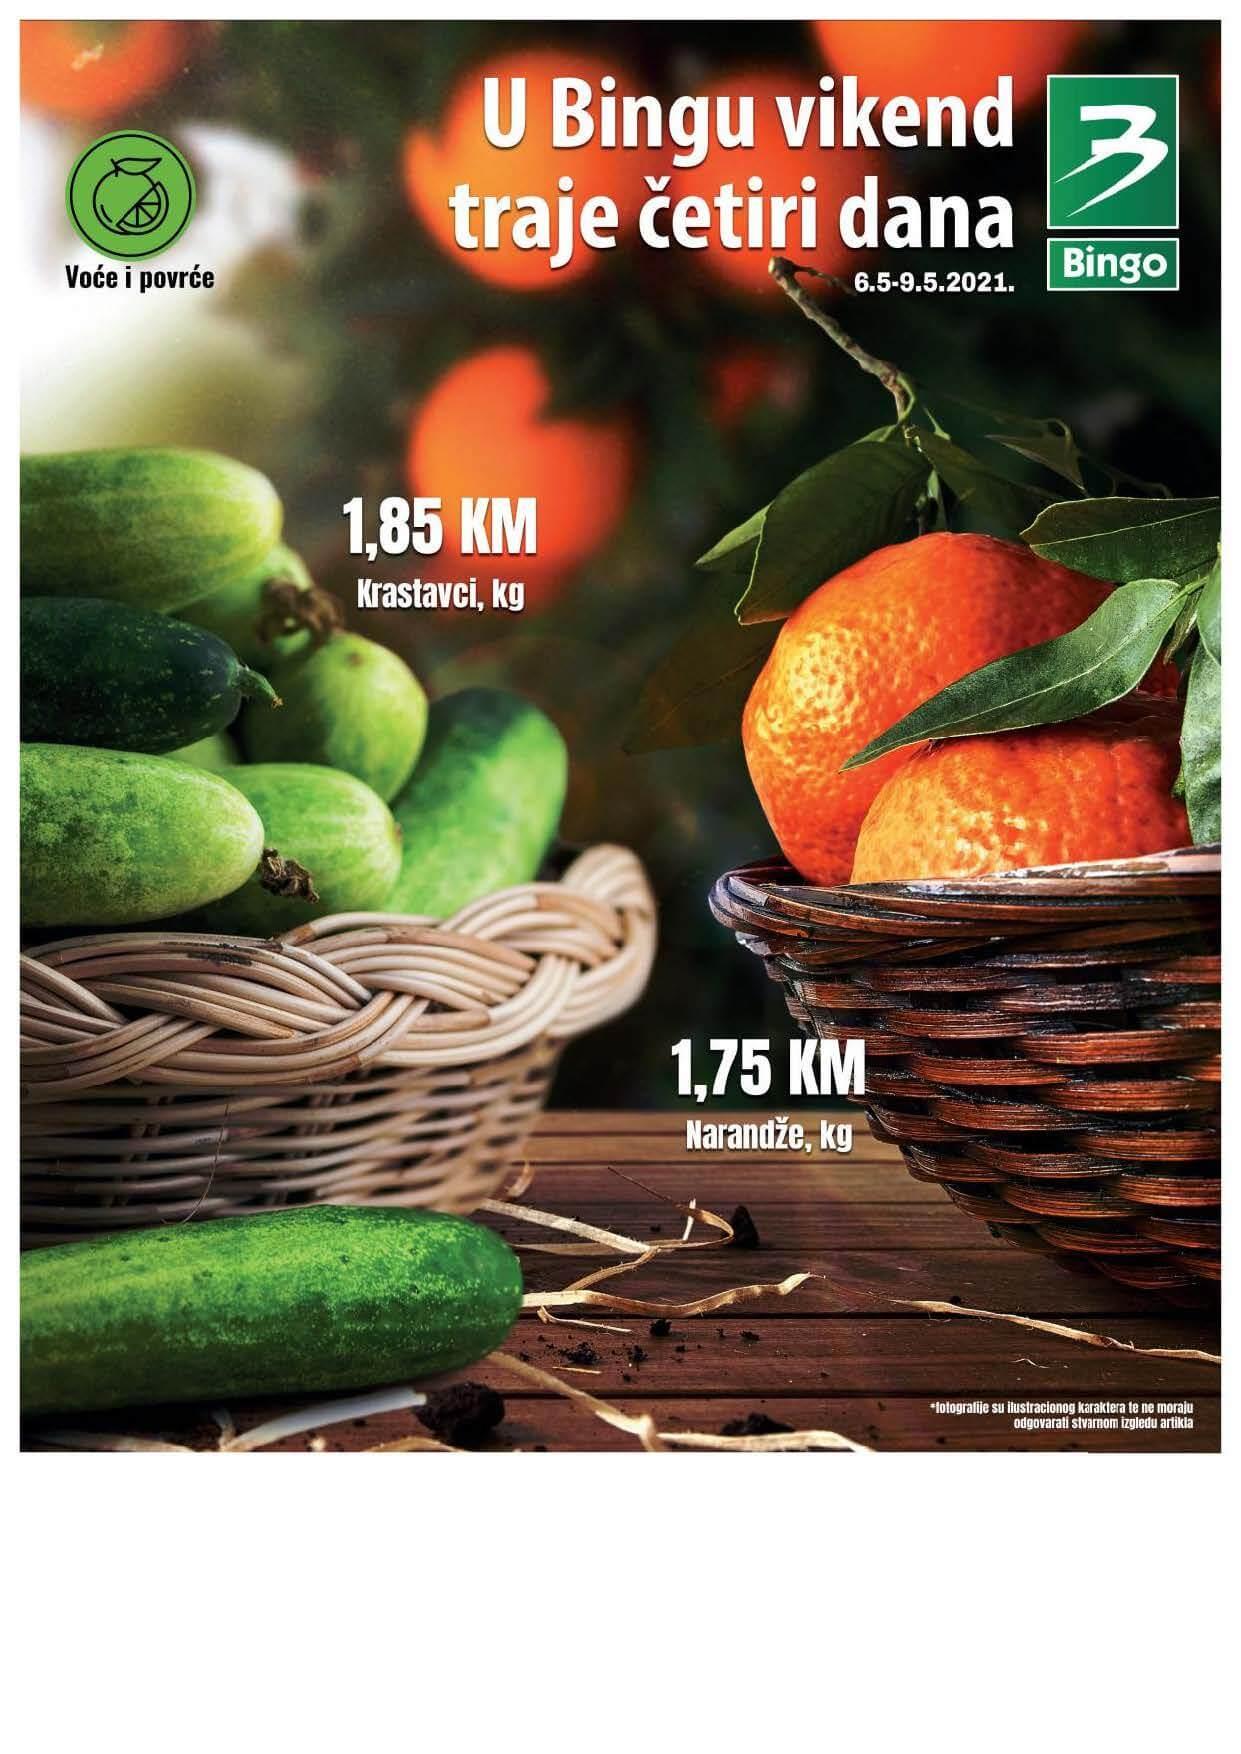 BINGO Katalog U BINGU Vikend traje cetiri dana 06.05.2021. 09.05.2021. Page 1 1